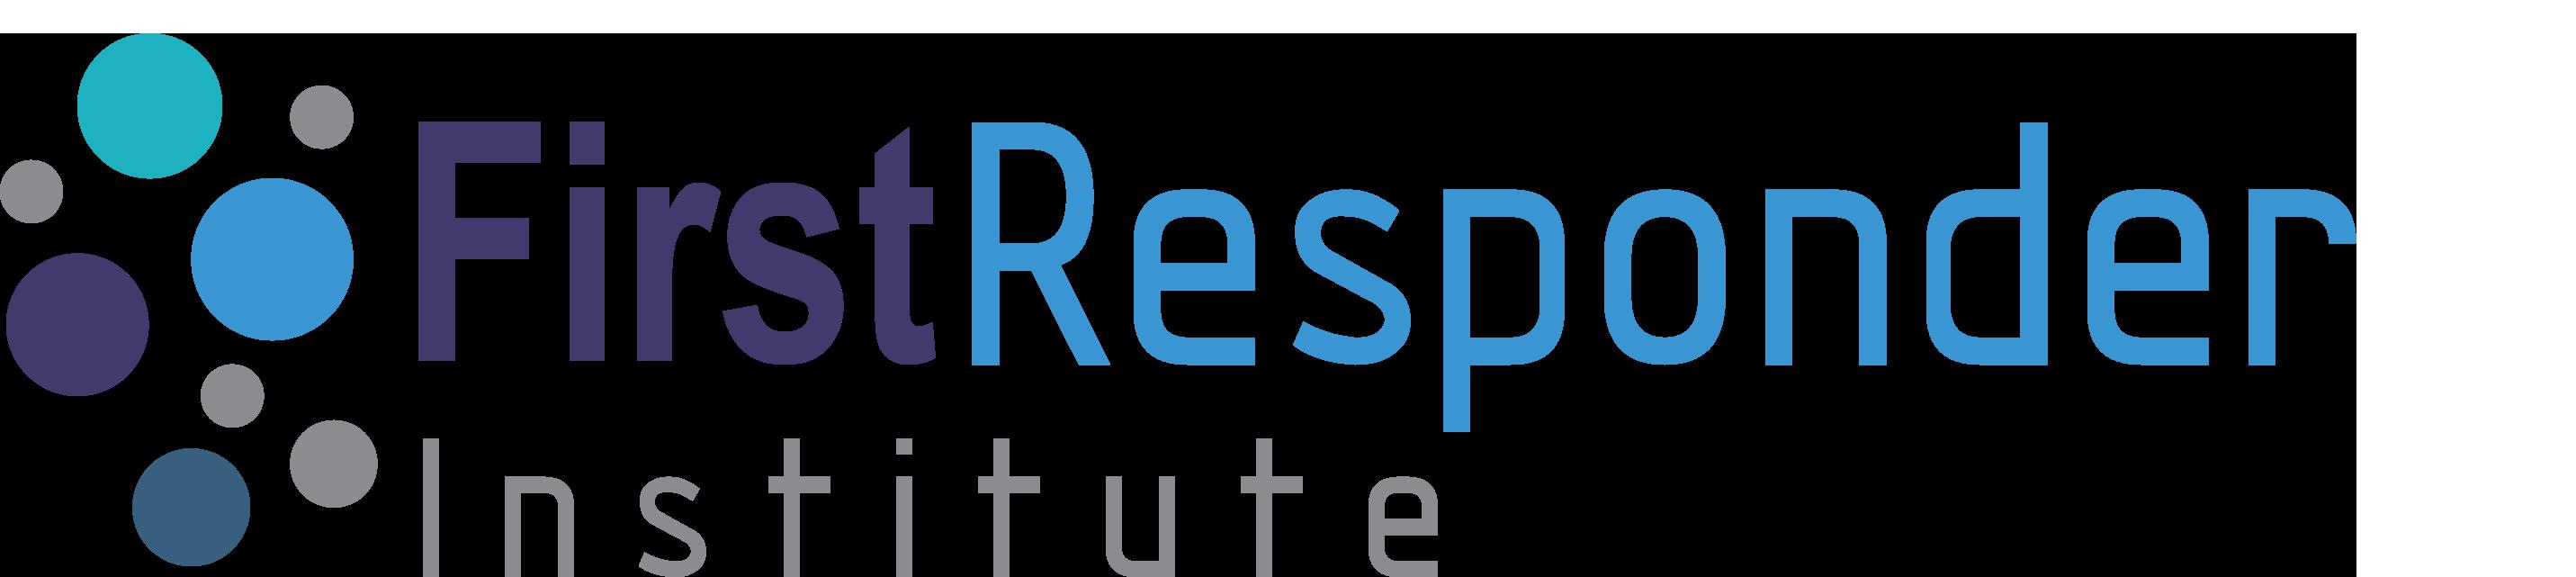 First Responder Institute